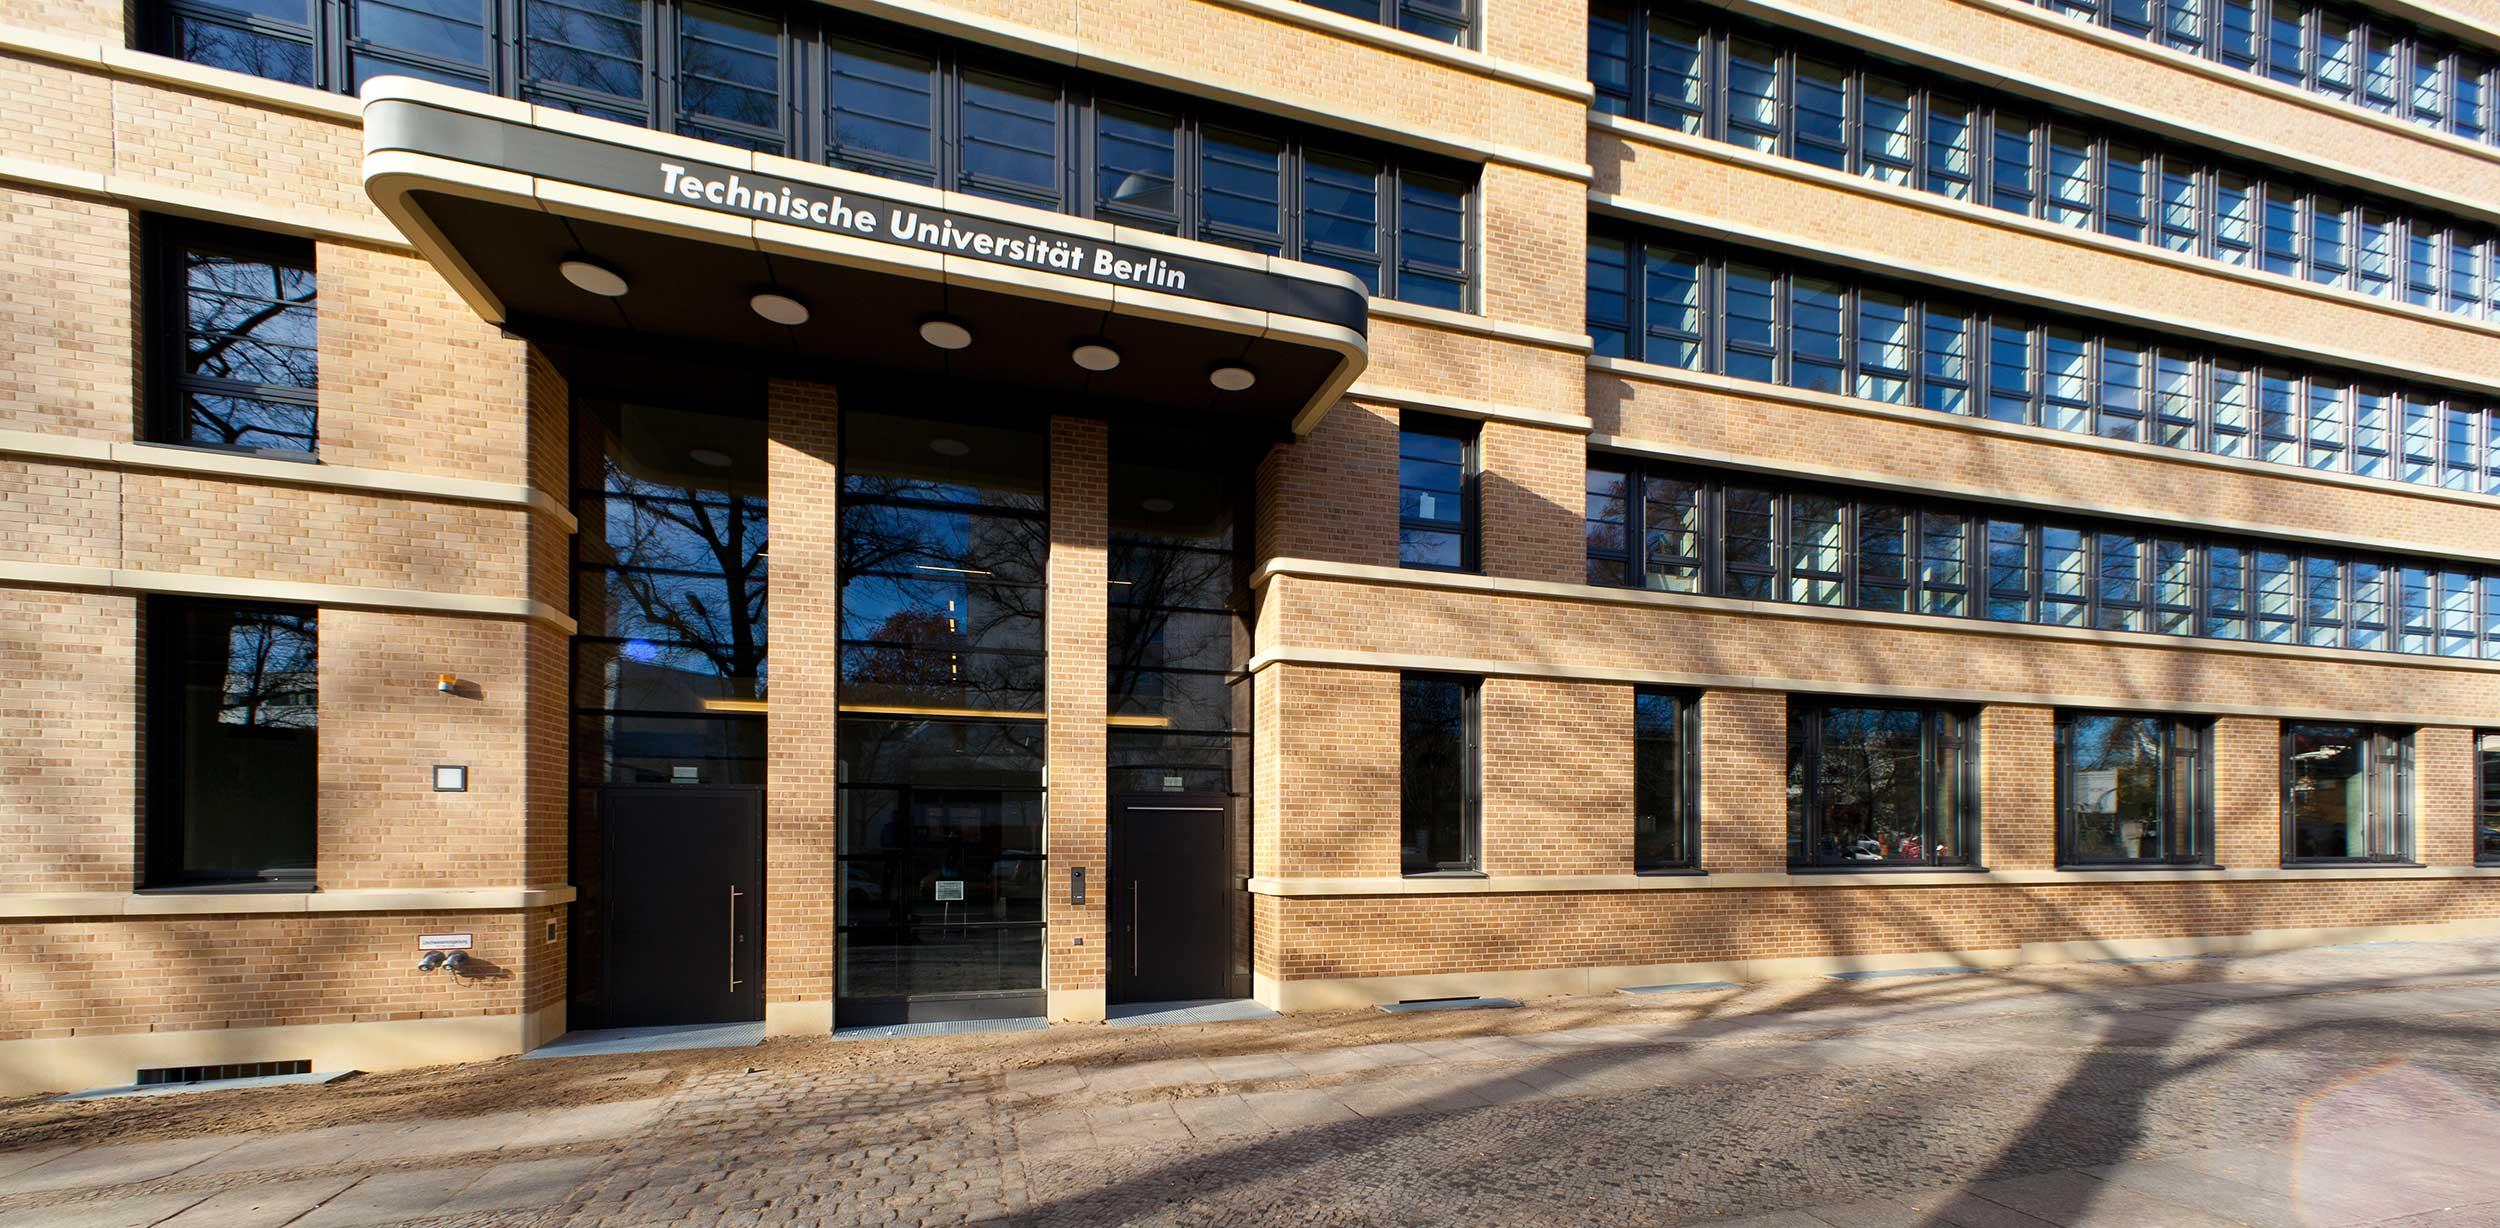 3 Technische Universität Berlin Marchstrasse.jpg